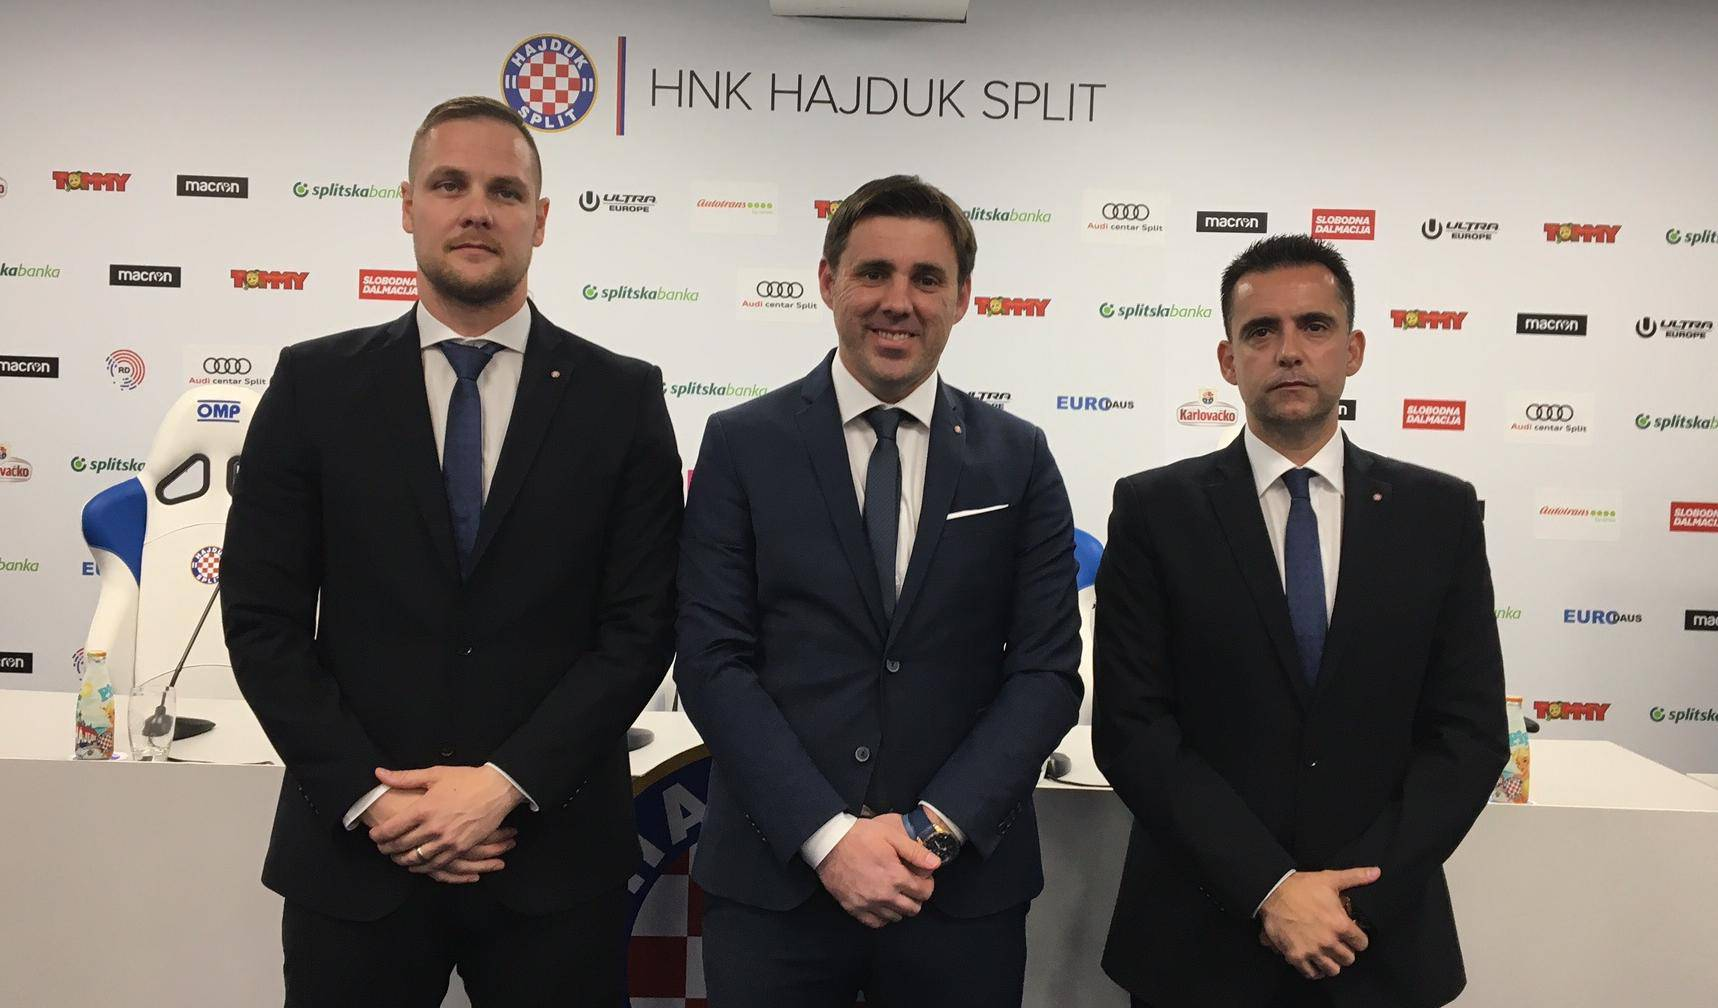 Osječanin je predsjednik, a sad i trener: Kopić preuzeo Hajduk